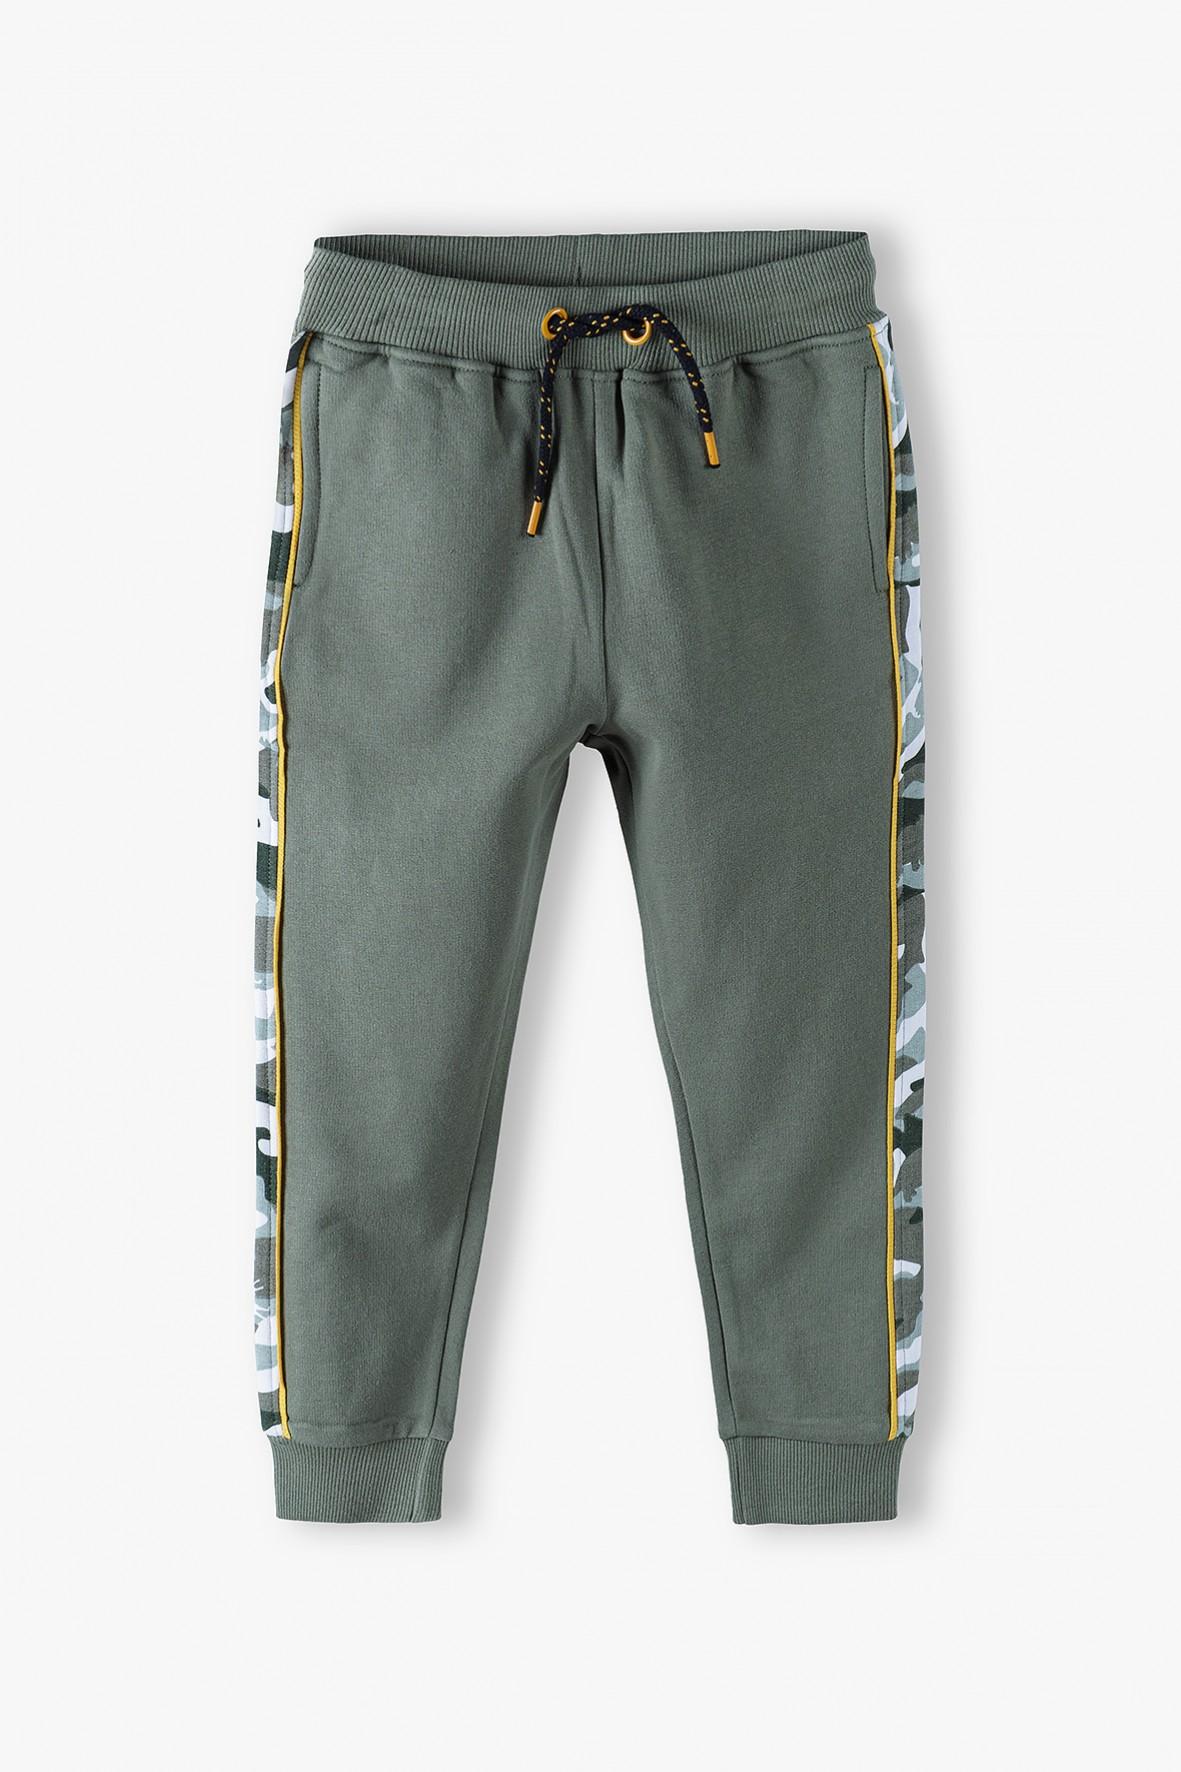 Bawełniane spodnie dresowe chłopięce z lampasami w moro